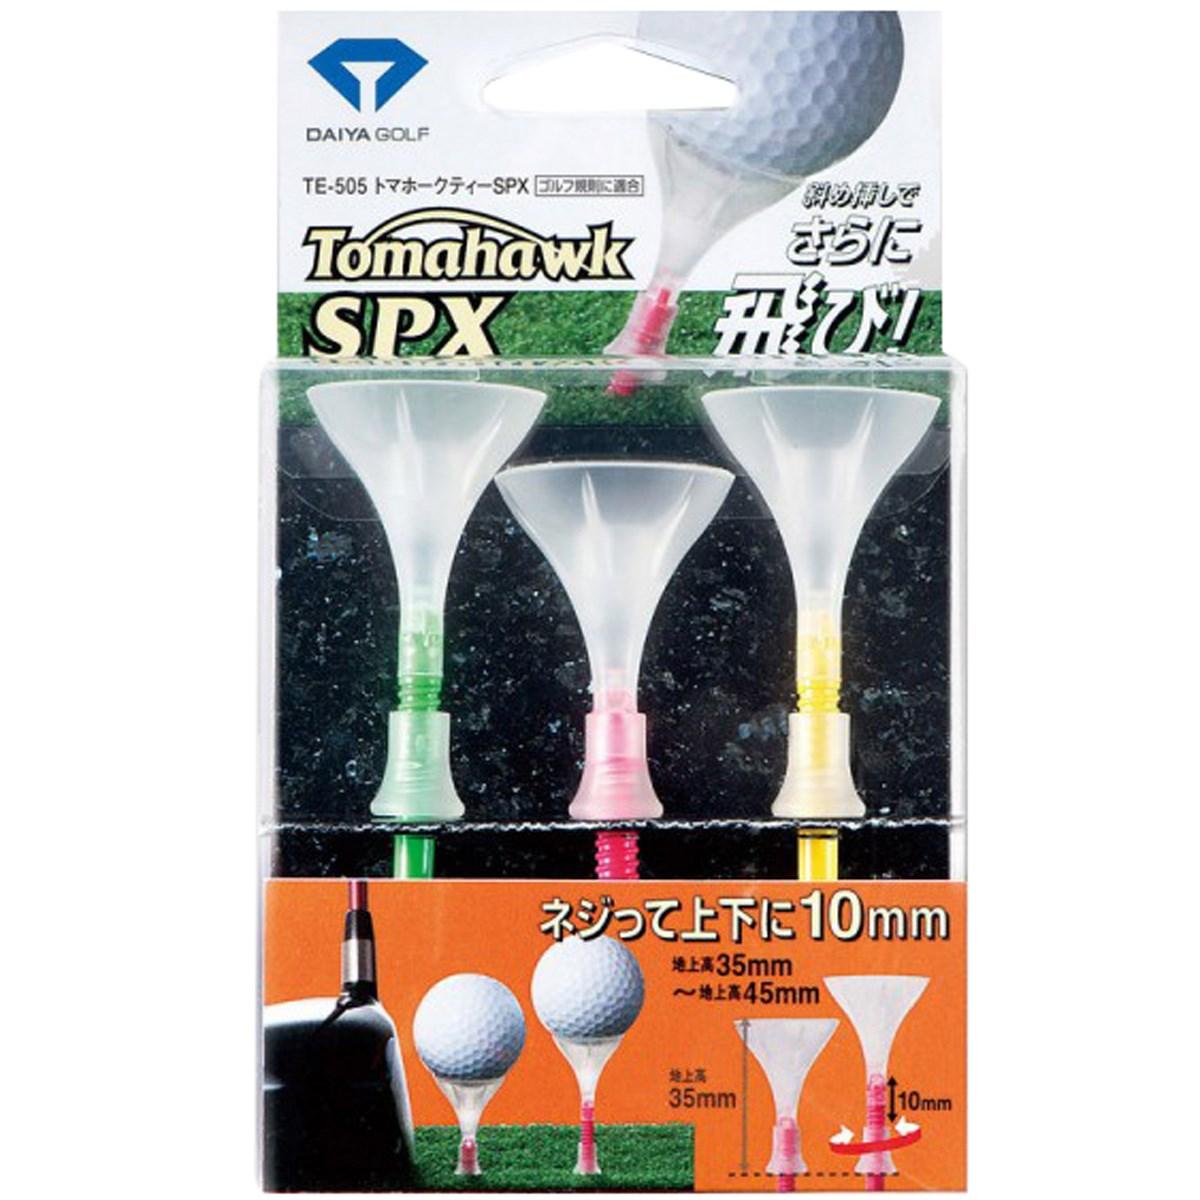 ダイヤゴルフ DAIYA GOLF トマホークティーSPX ピンク/グリーン/イエロー